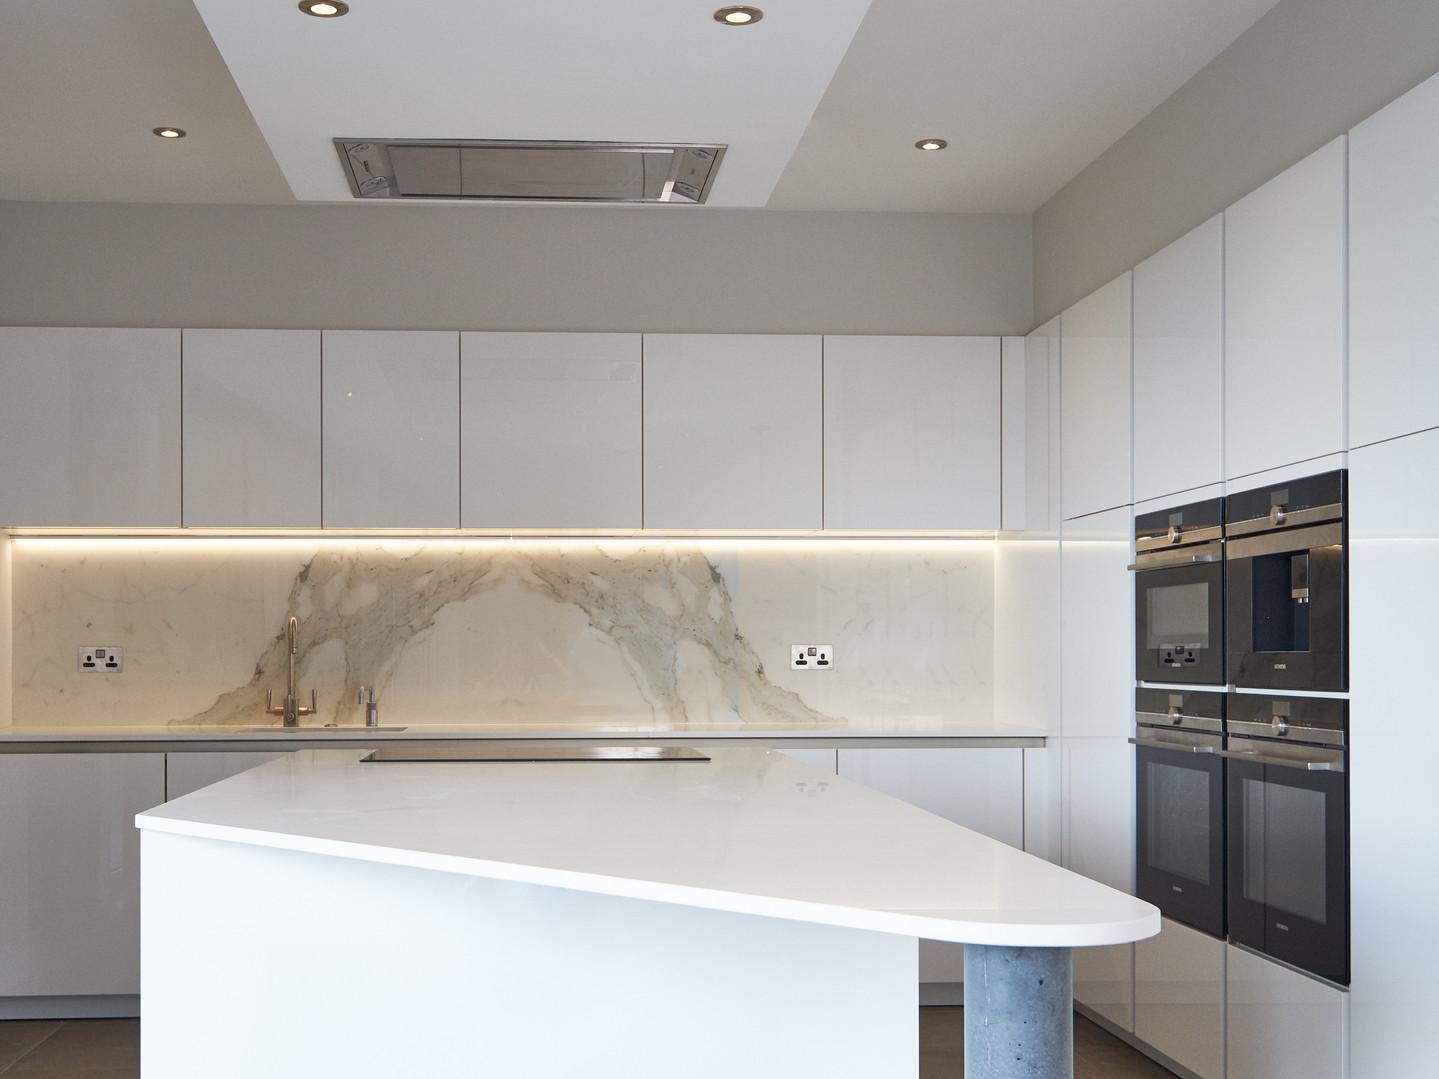 Leckhampton kitchen